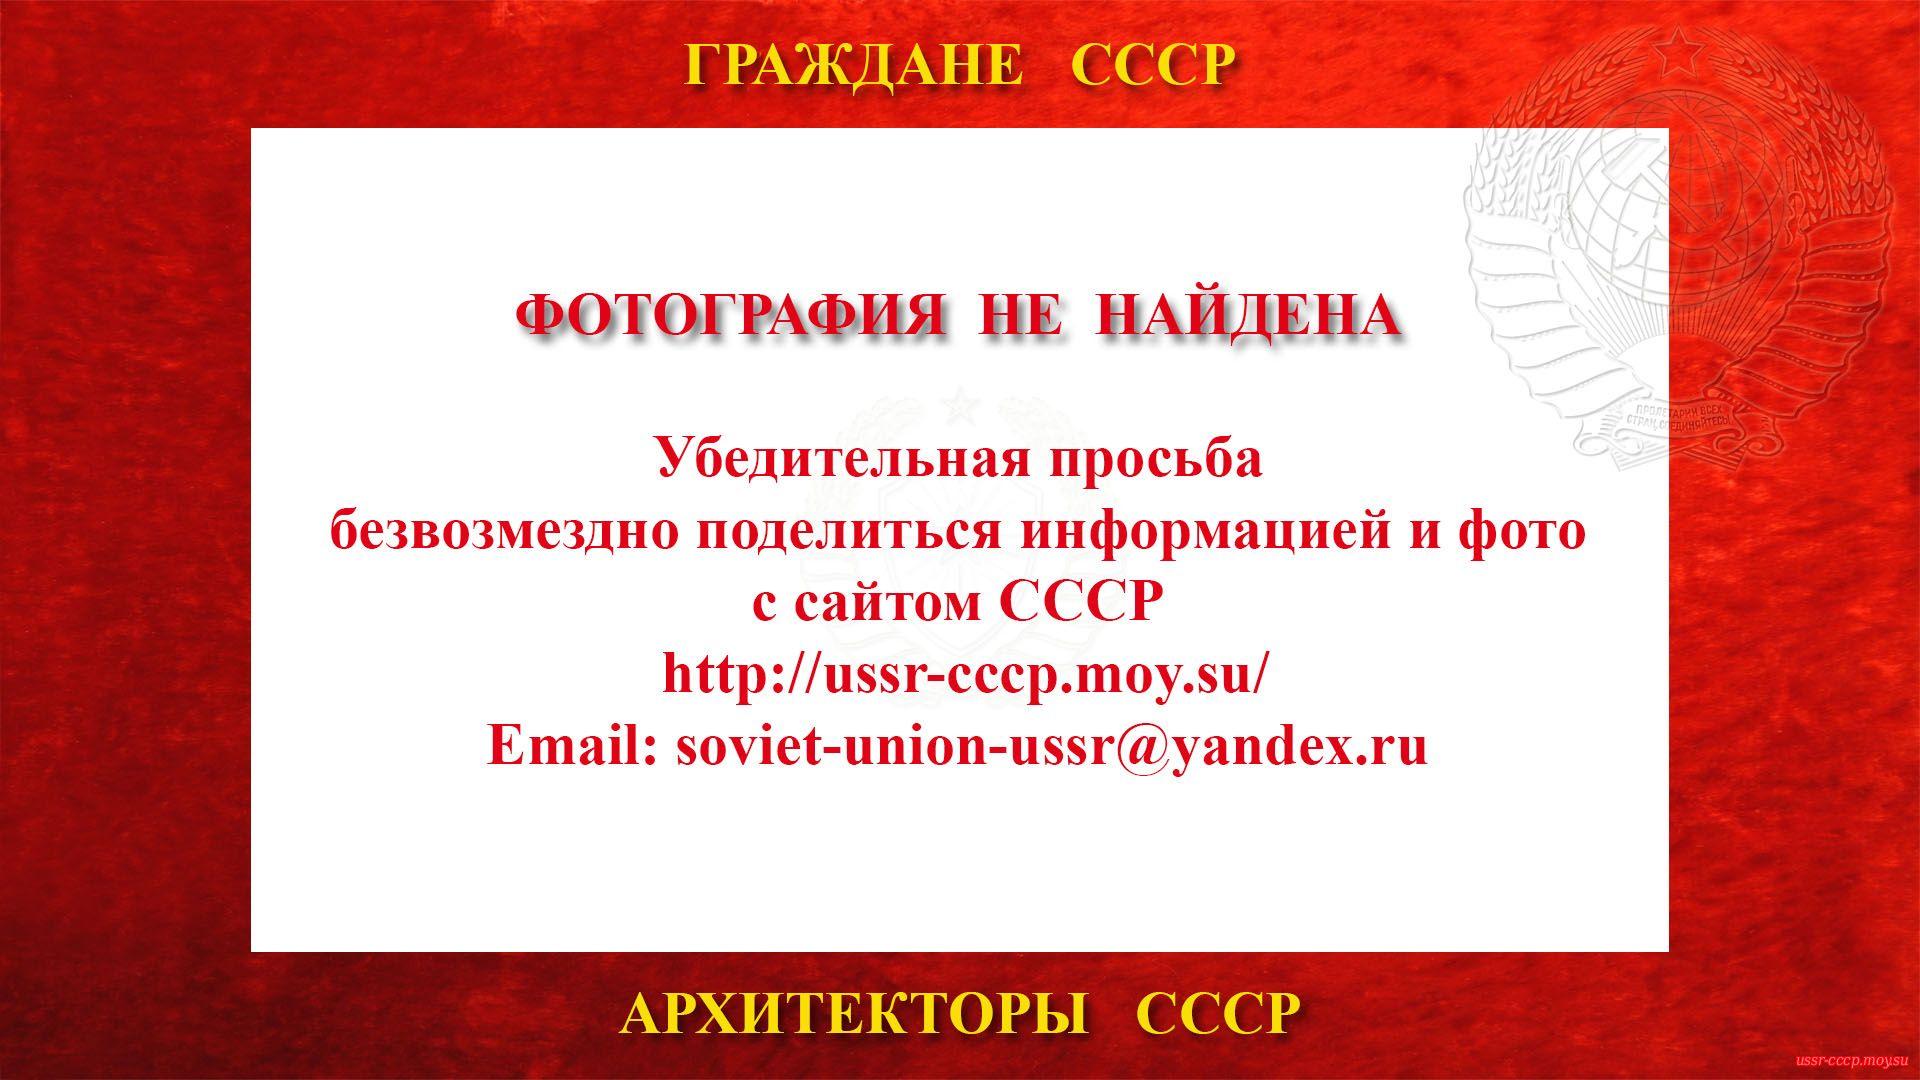 Абрамов Ю. И. (биография не найдена)